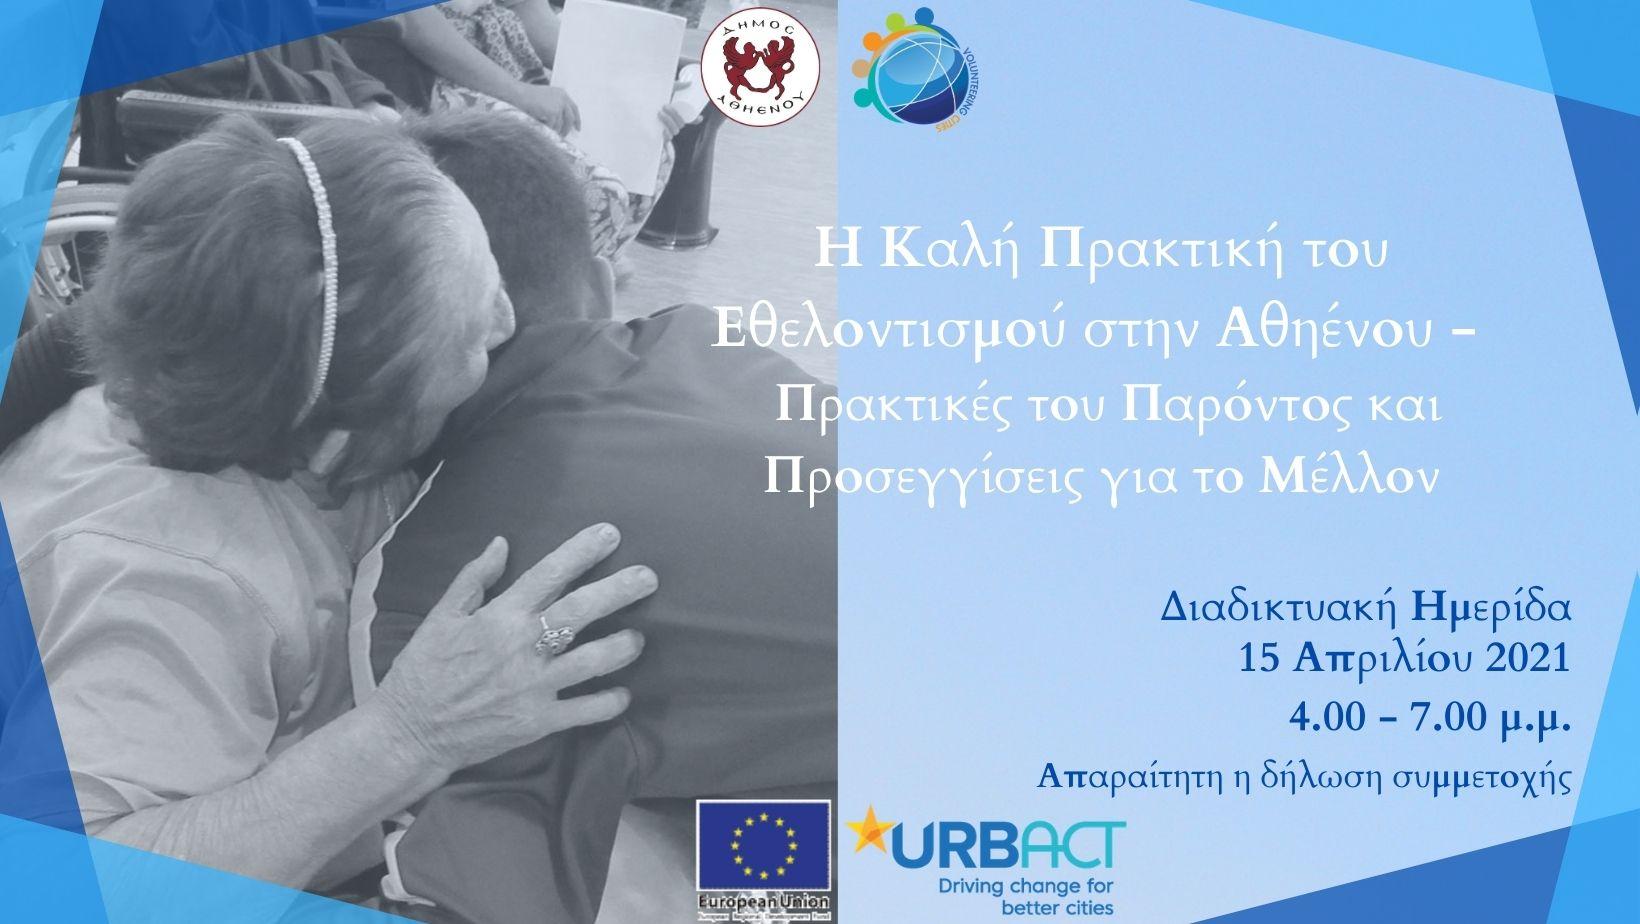 Διαδικτυακή ημερίδα «η καλή πρακτική του εθελοντισμού στην Αθηένου – πρακτικές του παρόντος και προσέγγισες για το μέλλον» στις 15 Απριλίου